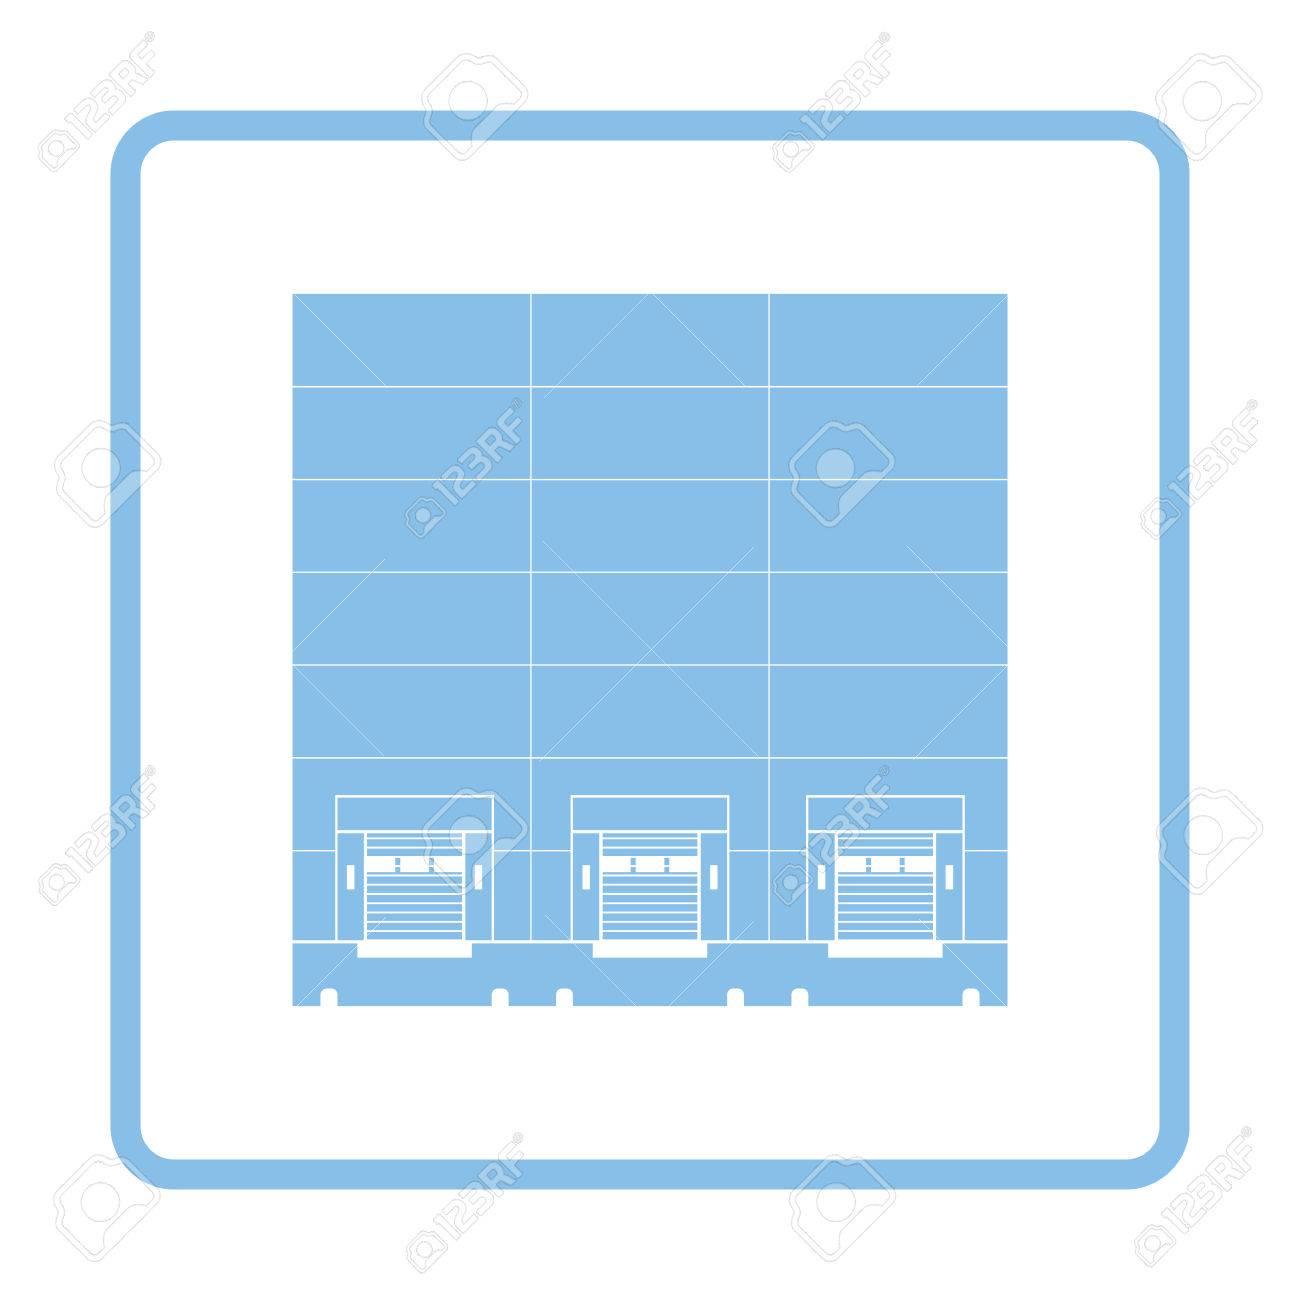 Icono De Concepto De Logística De Almacén. Diseño De Marco Azul ...